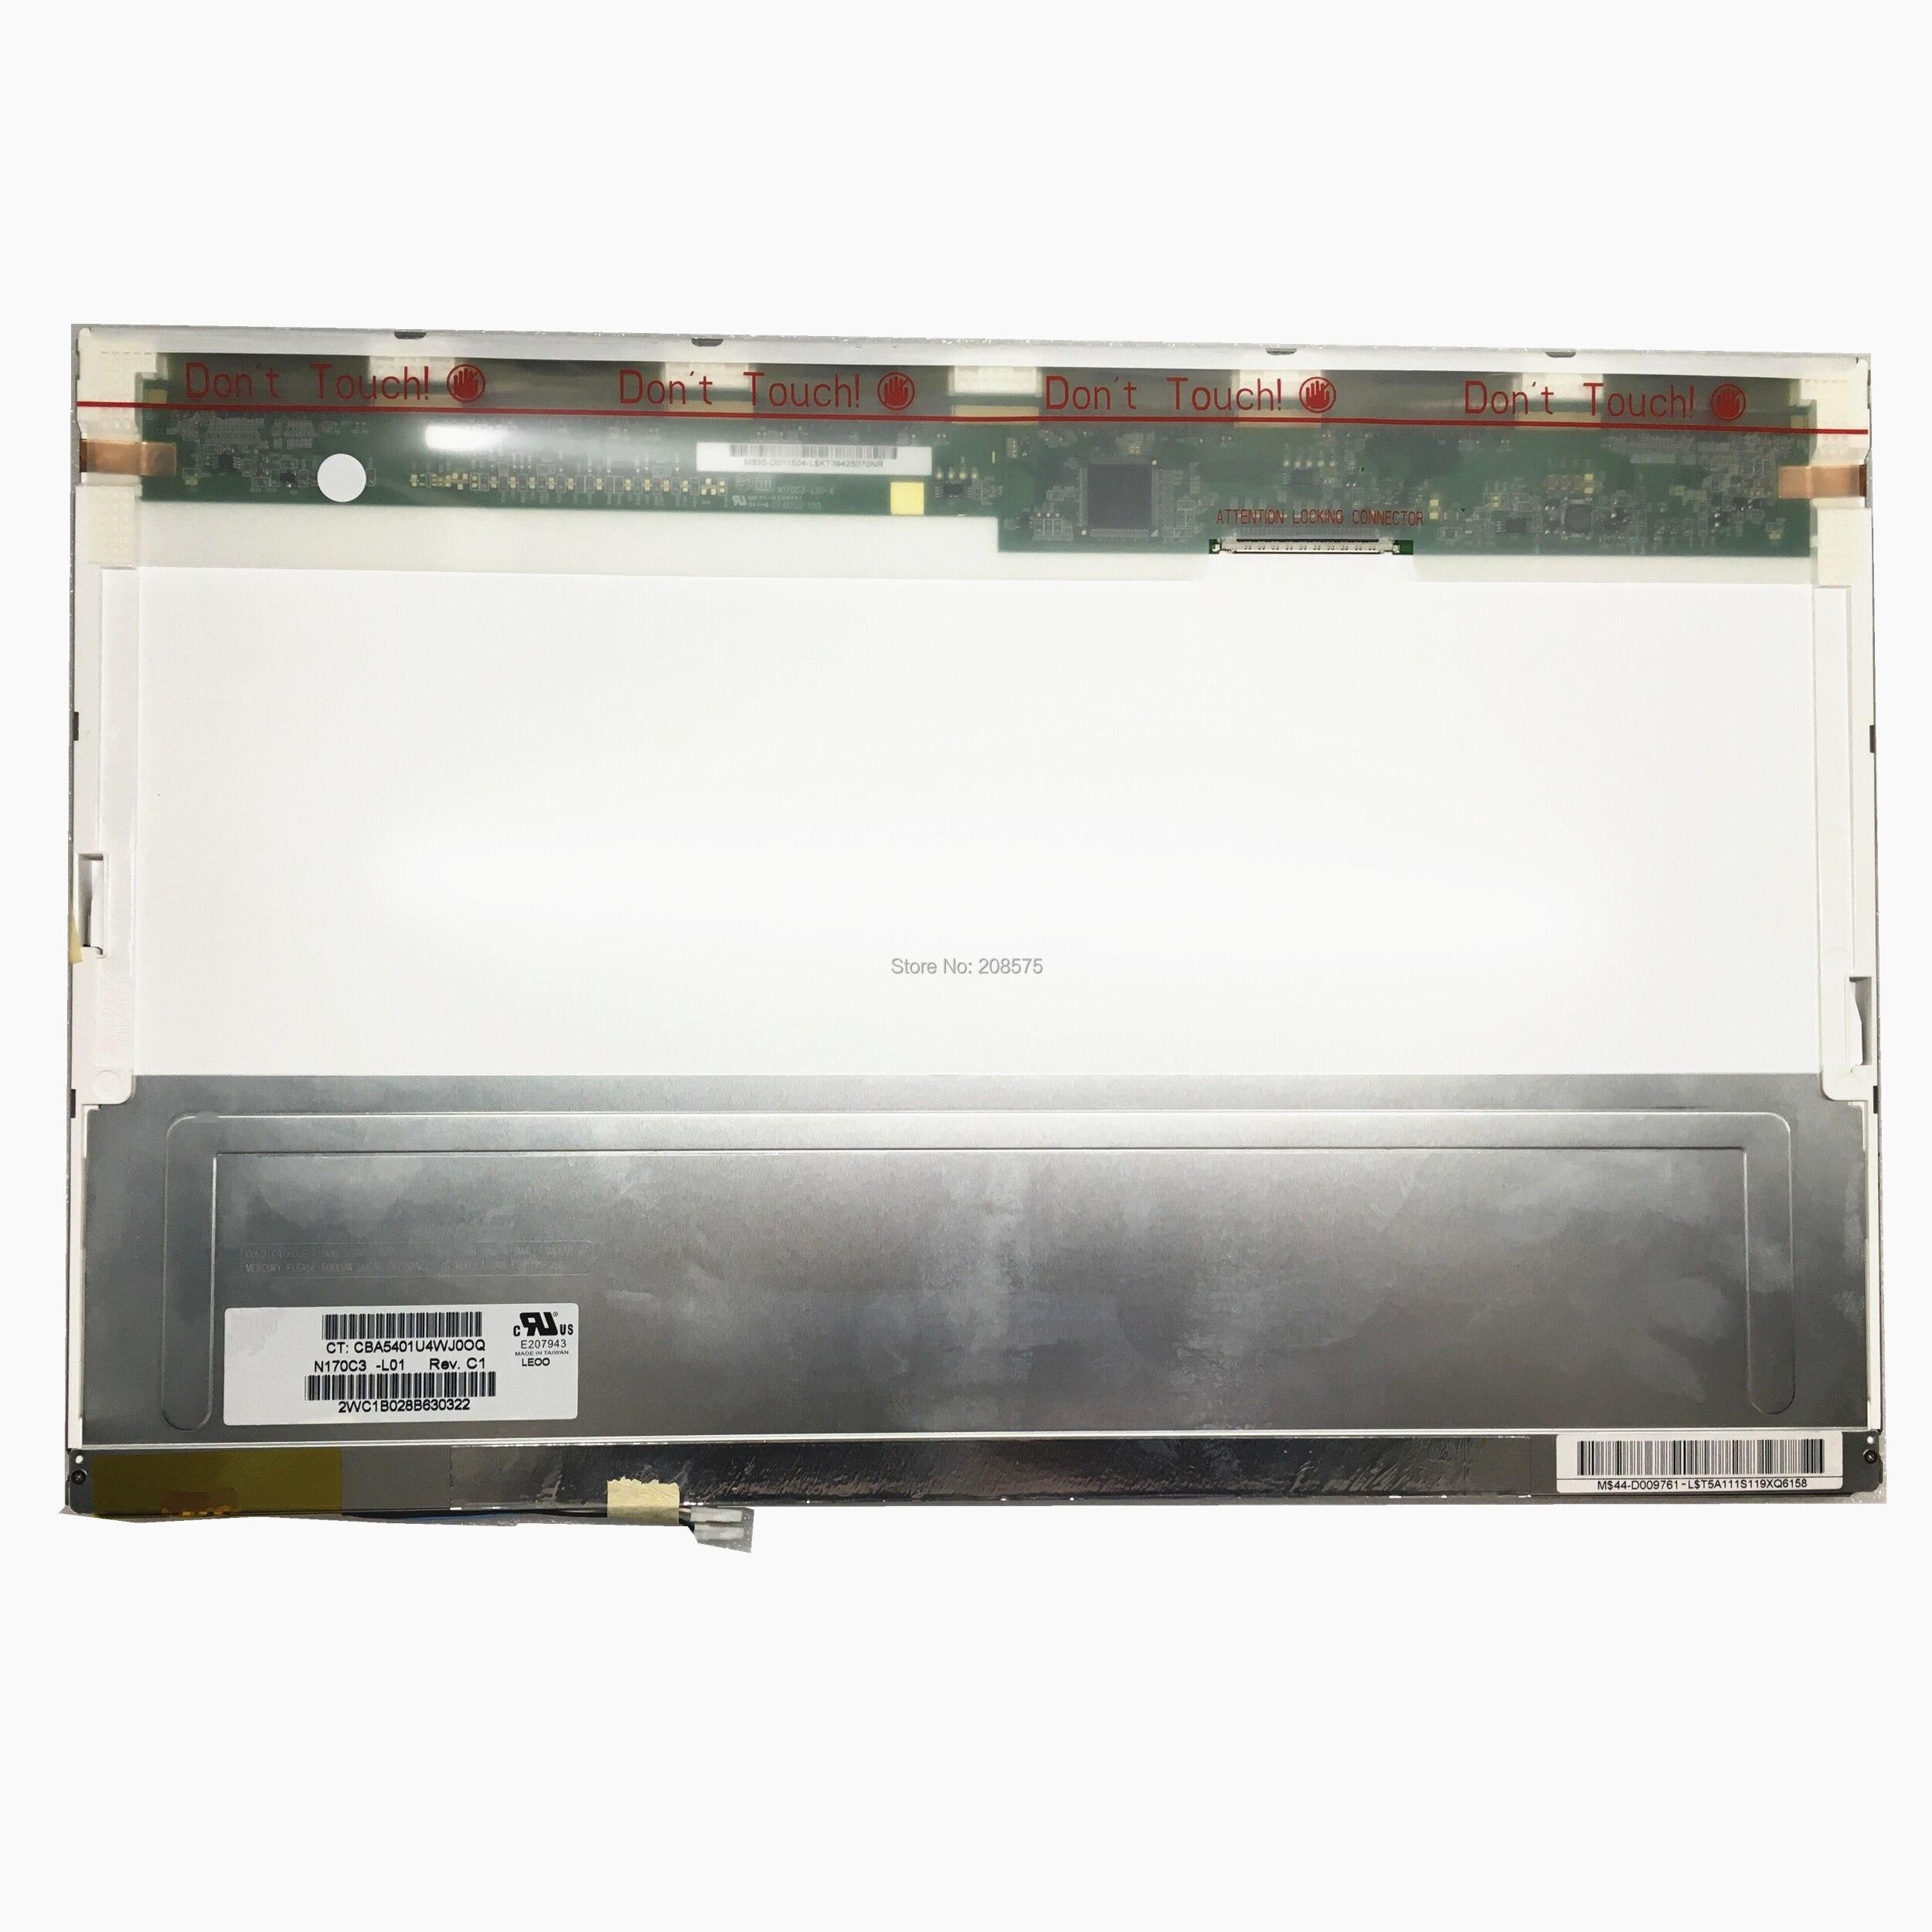 Free Shipping N170C3-L01 N170C3 L01 N170C3-L02 N170C1-L02 B170PW04 V0 B170PW02 V0 Laptop Lcd Screen 1440*900 CCFL 30 PinsFree Shipping N170C3-L01 N170C3 L01 N170C3-L02 N170C1-L02 B170PW04 V0 B170PW02 V0 Laptop Lcd Screen 1440*900 CCFL 30 Pins